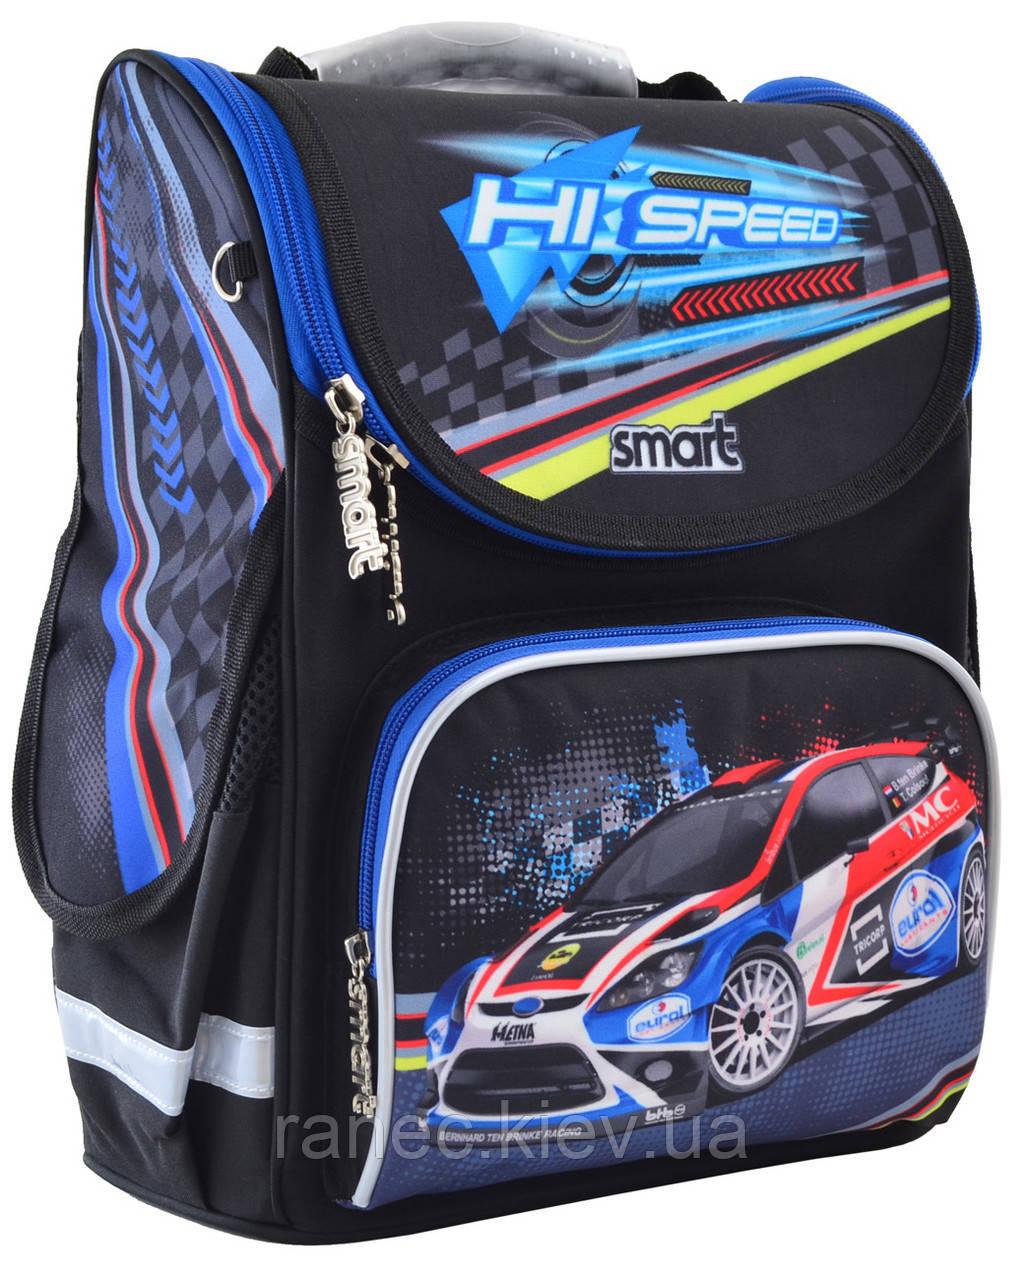 Рюкзак школьный каркасный 1 Вересня Smart PG-11 Hi Speed для мальчика 555979